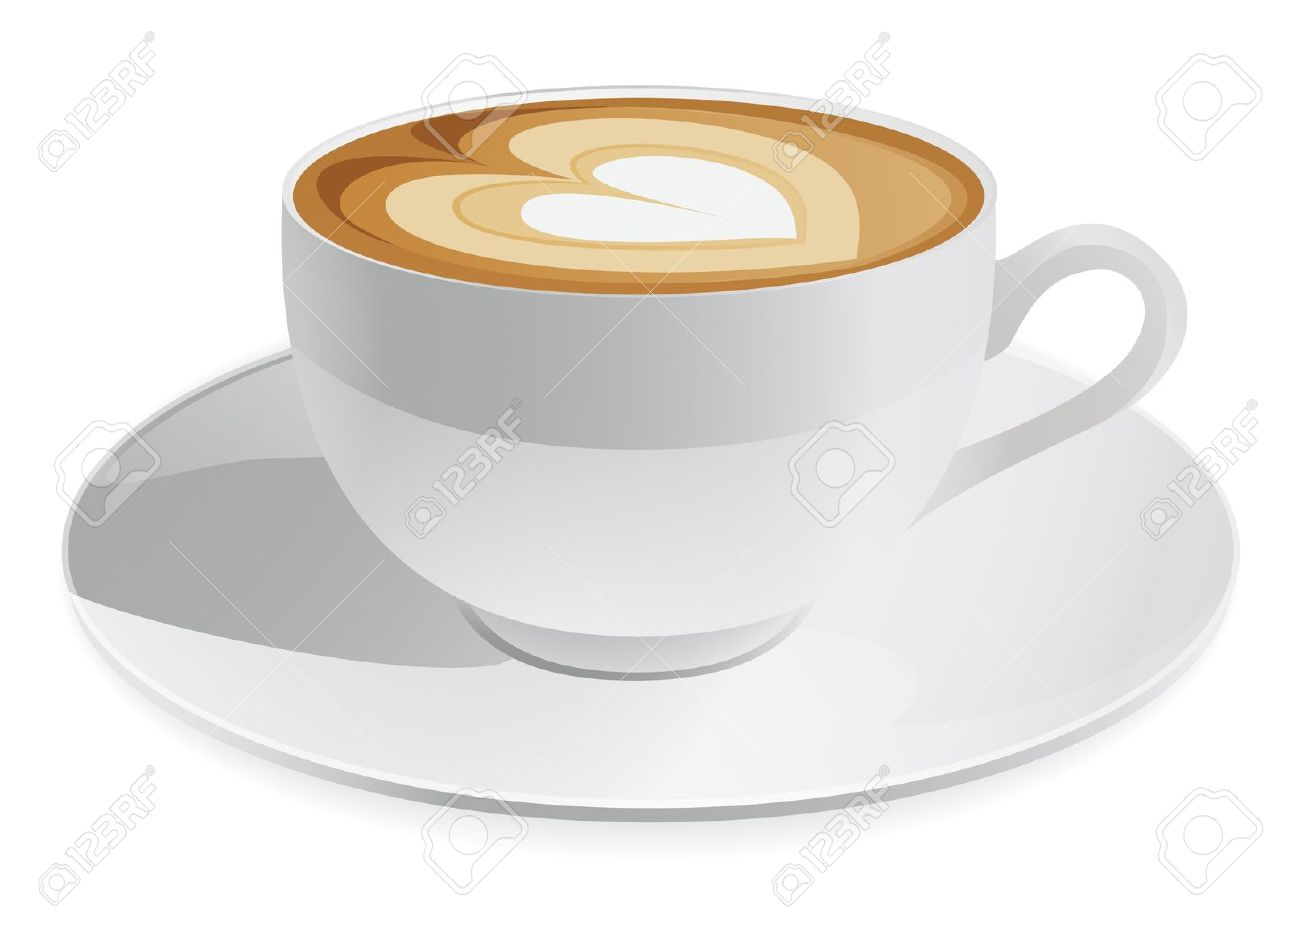 Latte cup clipart.